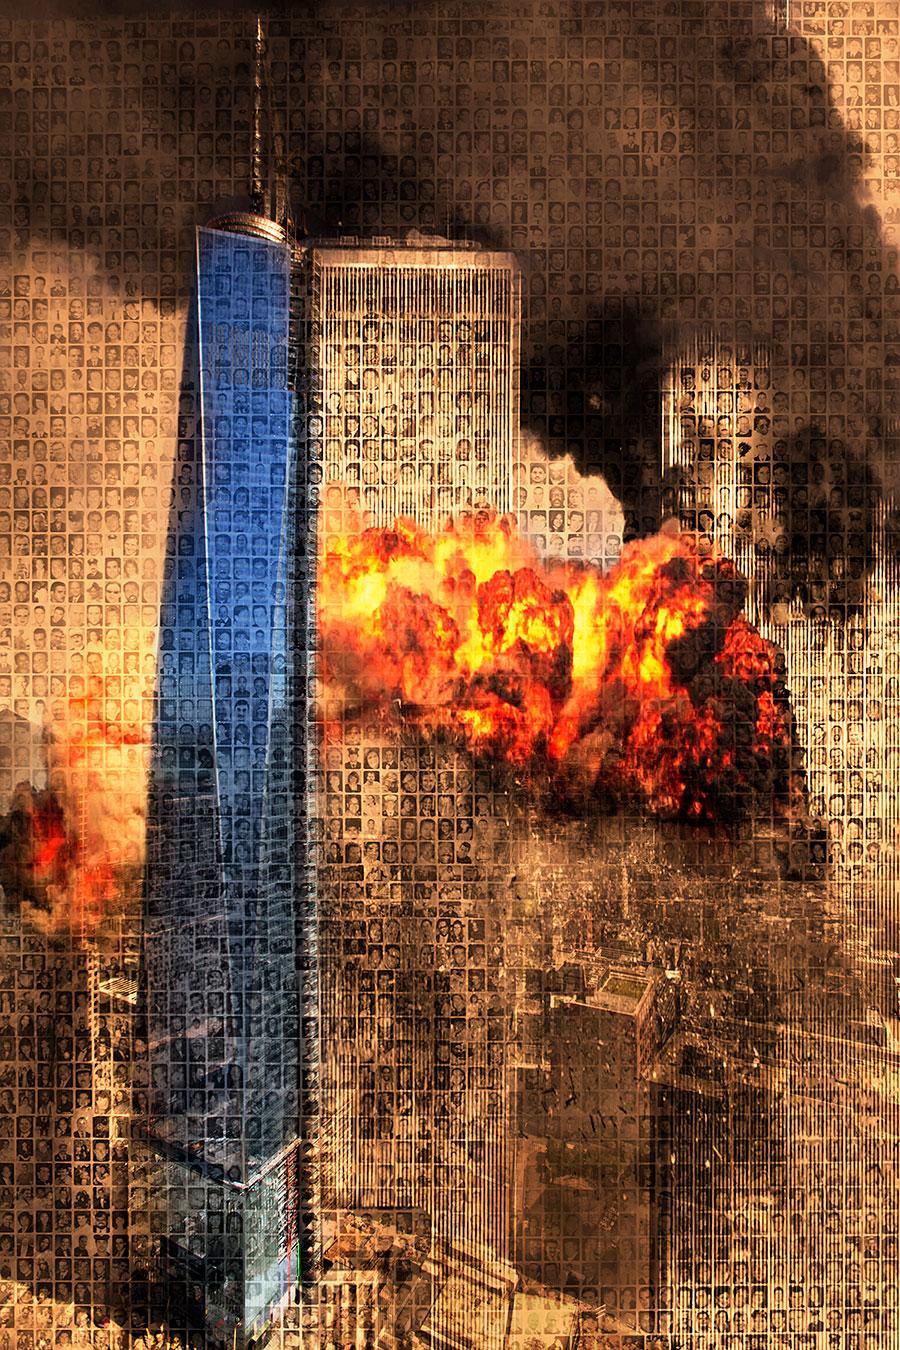 September_11__(2001)__2013.jpg